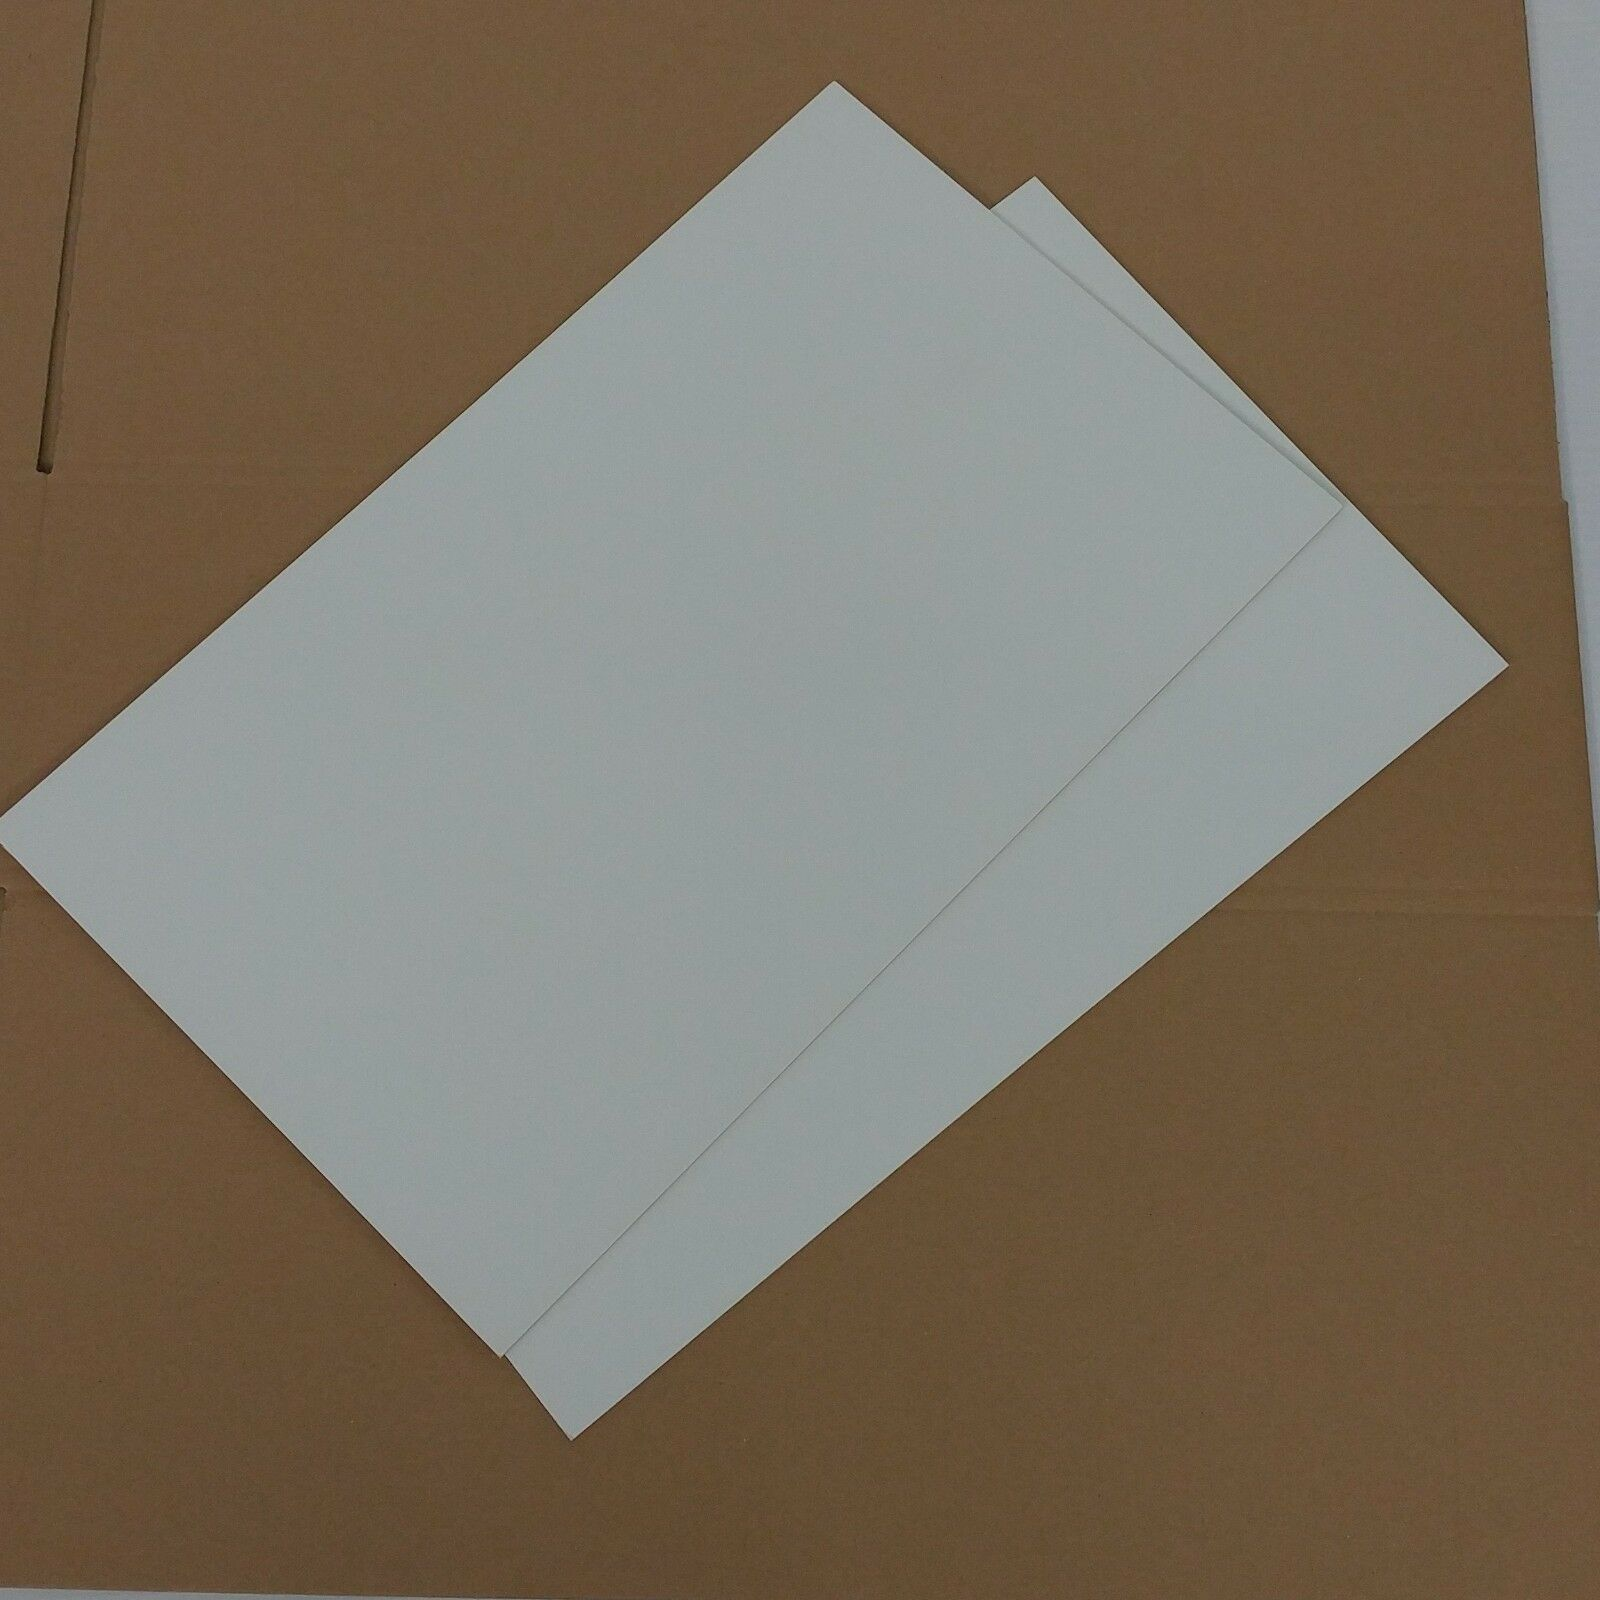 388 Zwischenlagen//Zuschnitte Graupappe 0,5mm; 54x36 cm für Euroboxen ca